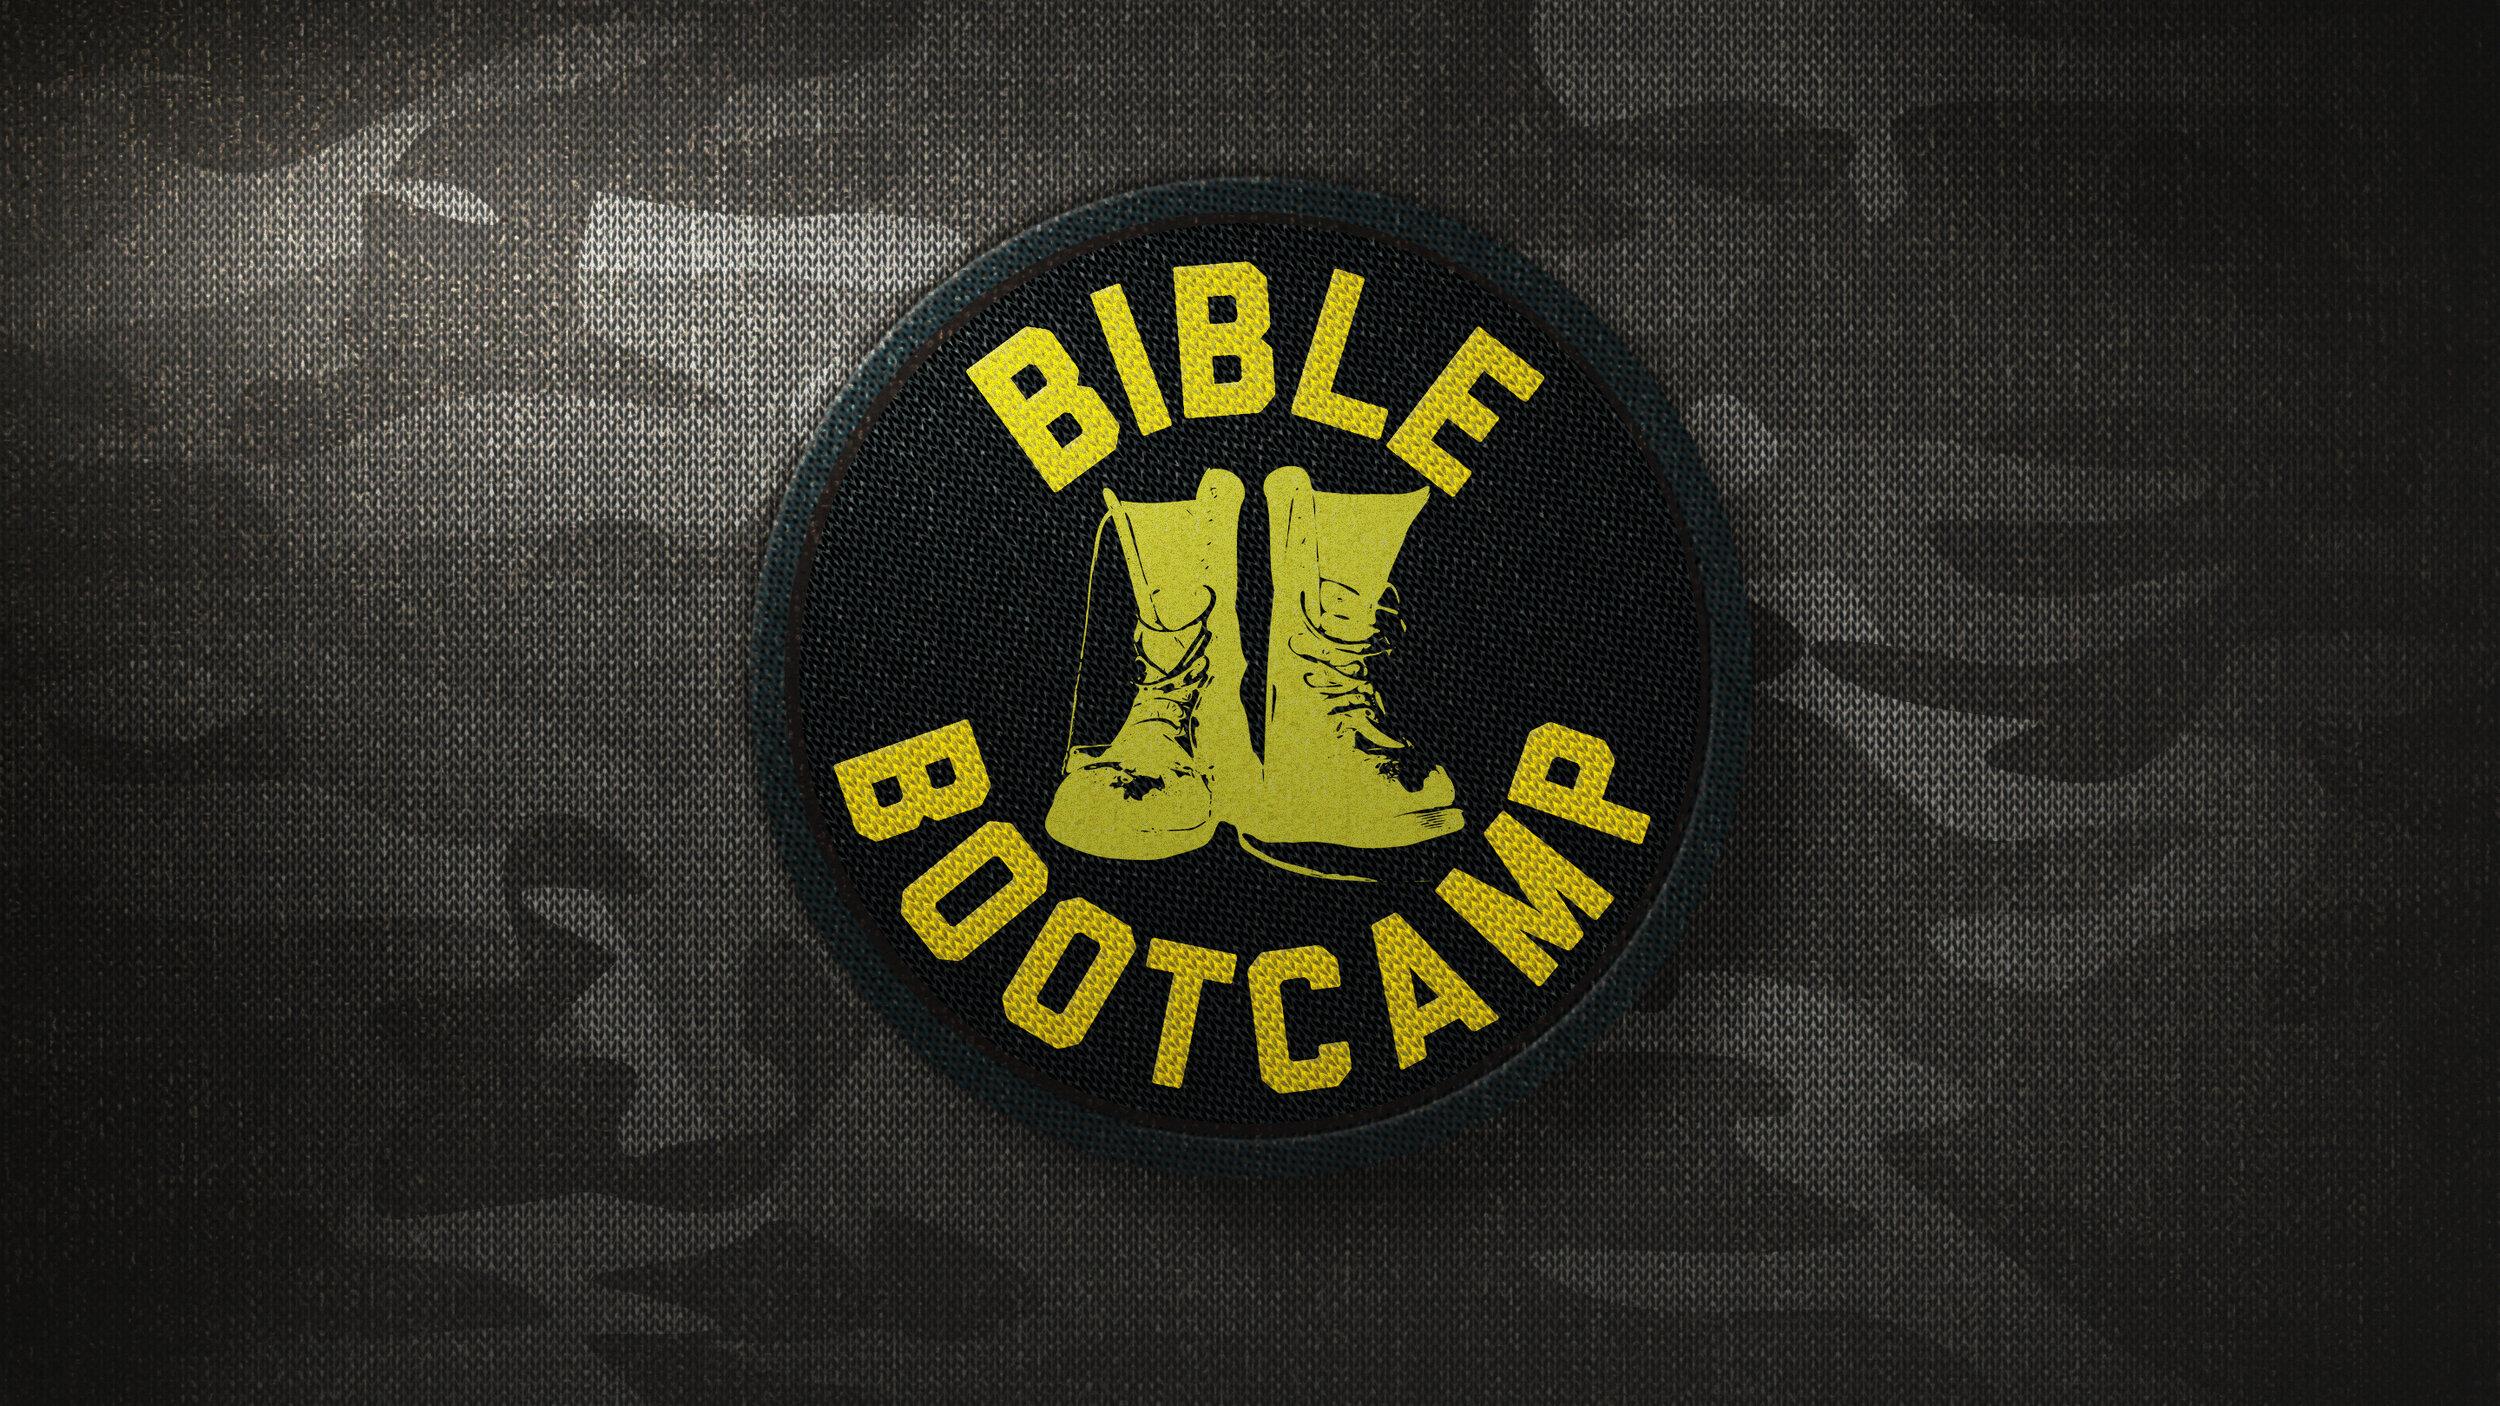 BibleBootcamp16x9.jpg